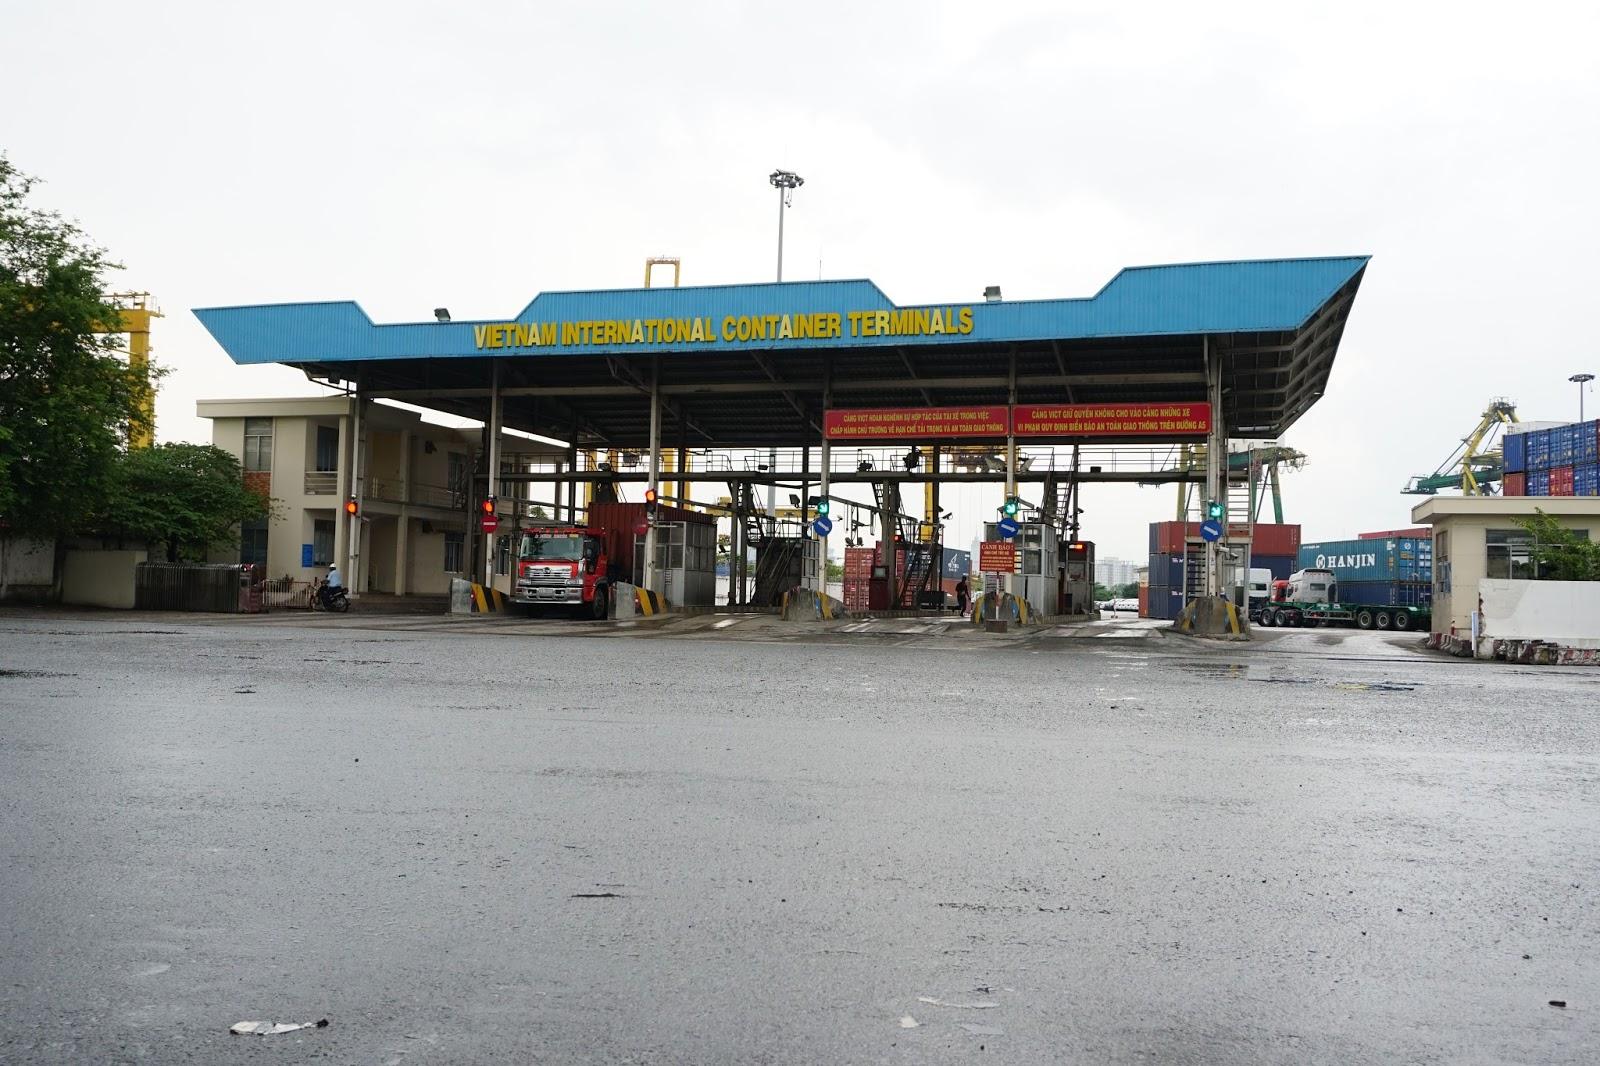 Cảng VICT nơi chứa đựng và cất giấu rất nhiều siêu xe tại Việt Nam